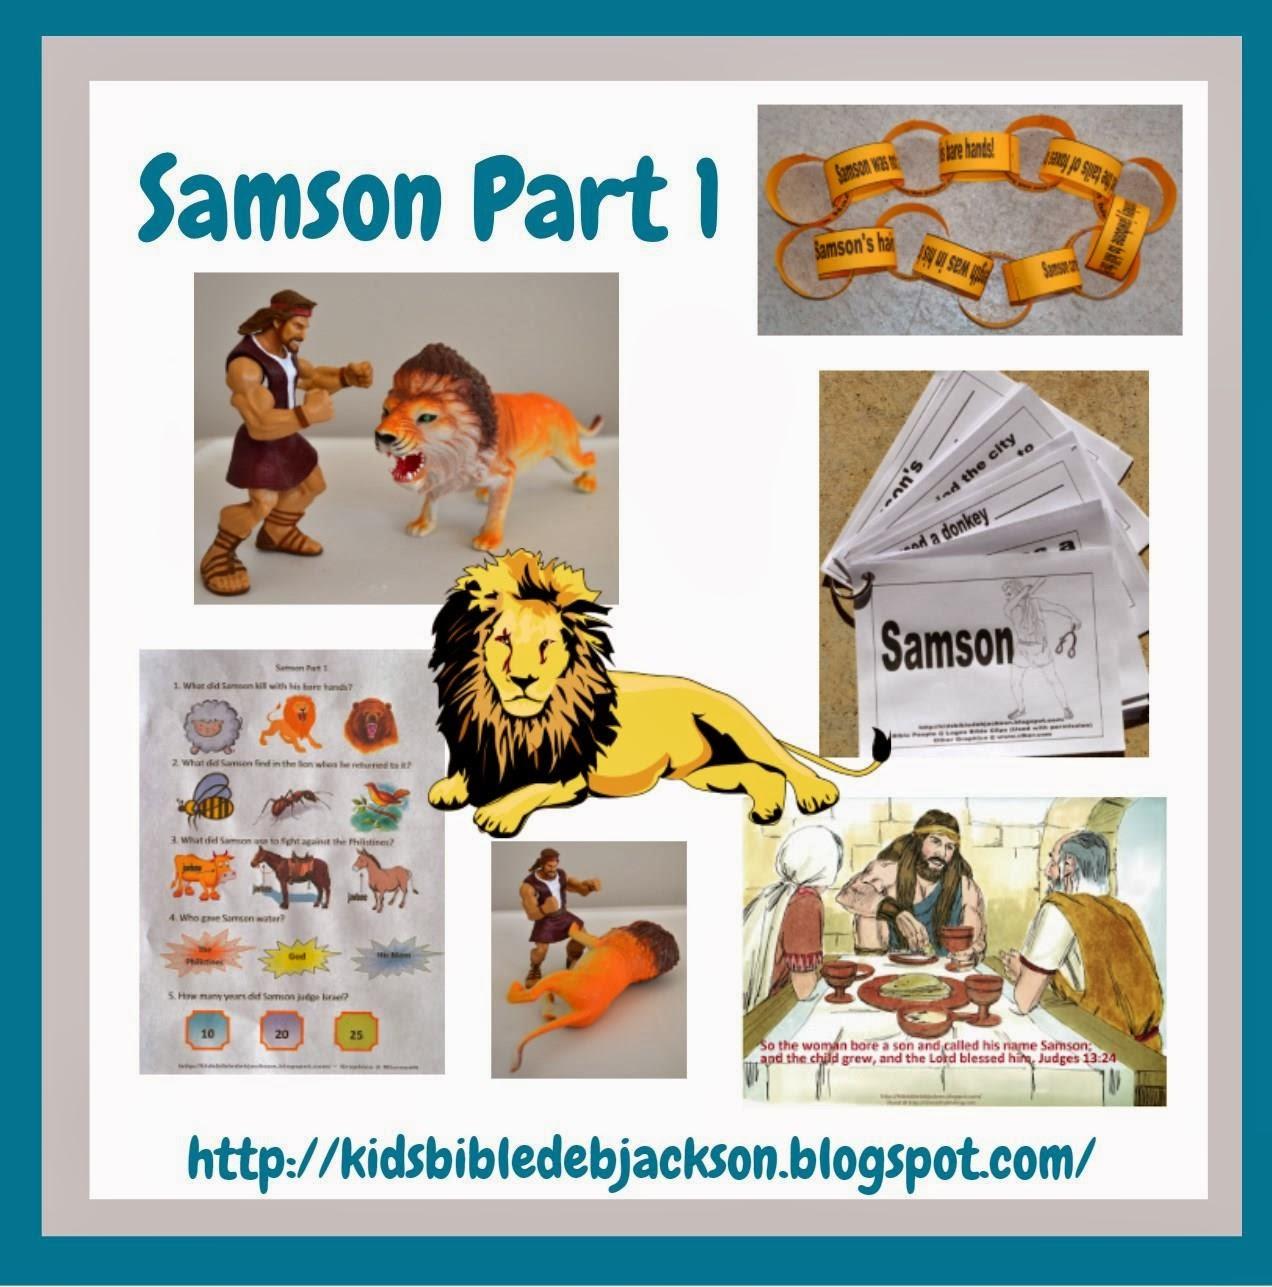 Samson and Delilah children's version - dltk-bible.com